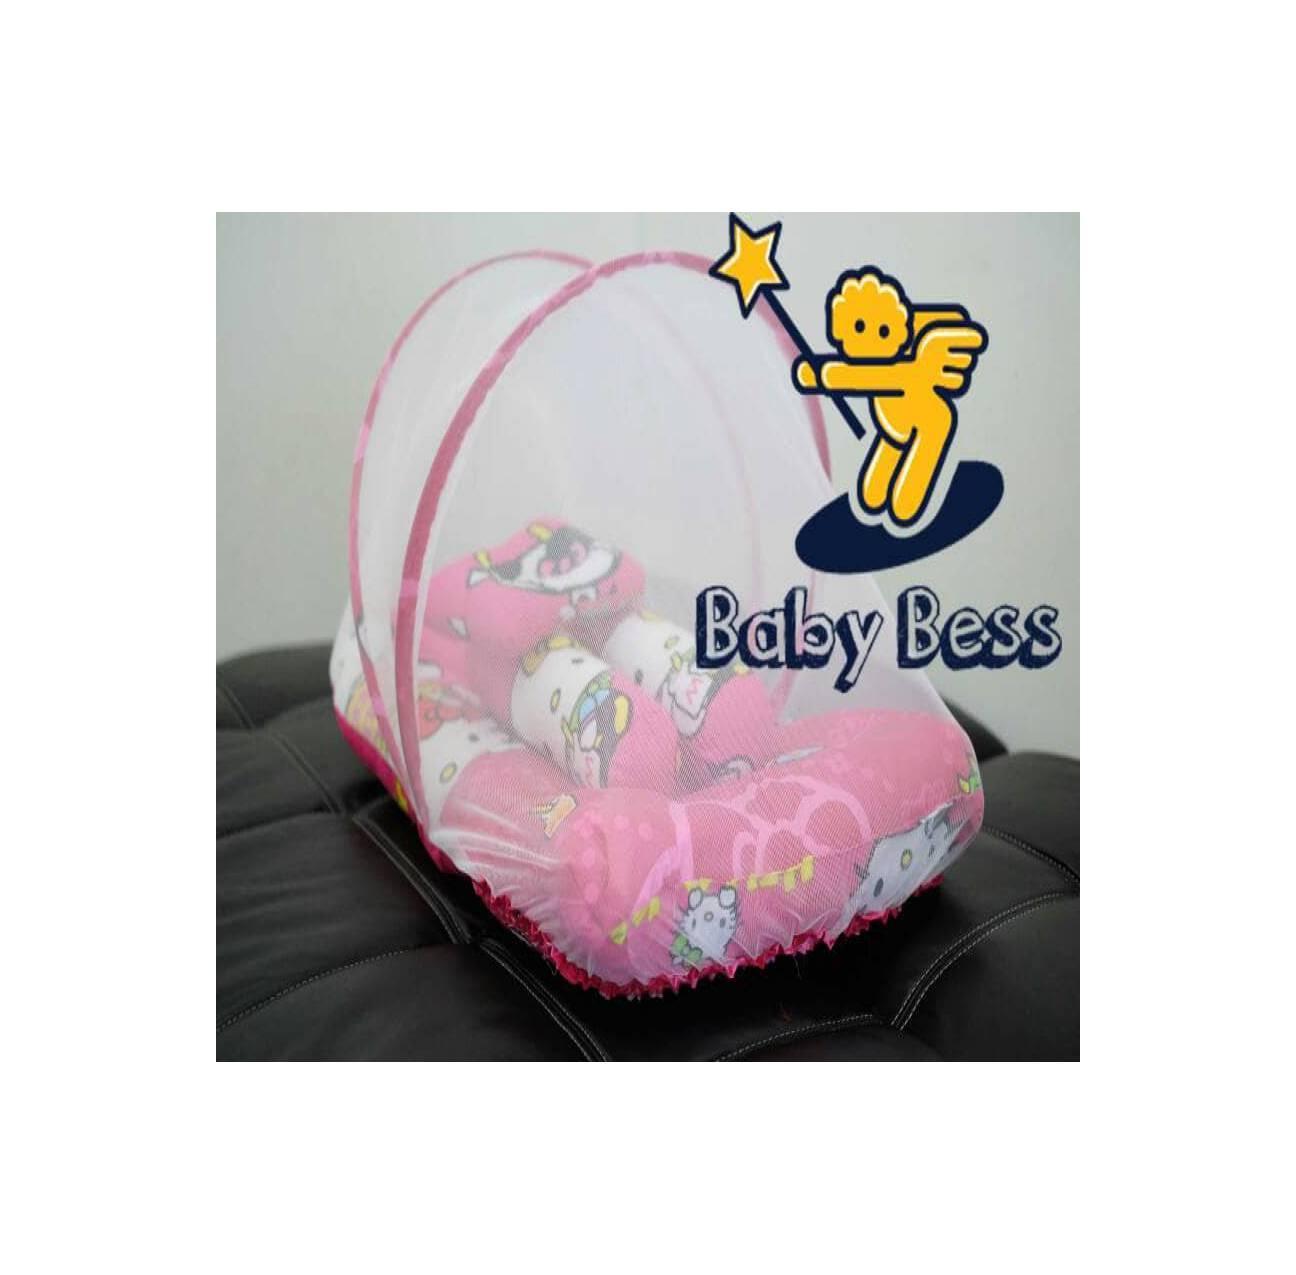 BBSS - kasur lipat kelambu bess - hello kitty - matras bayi - gendonga